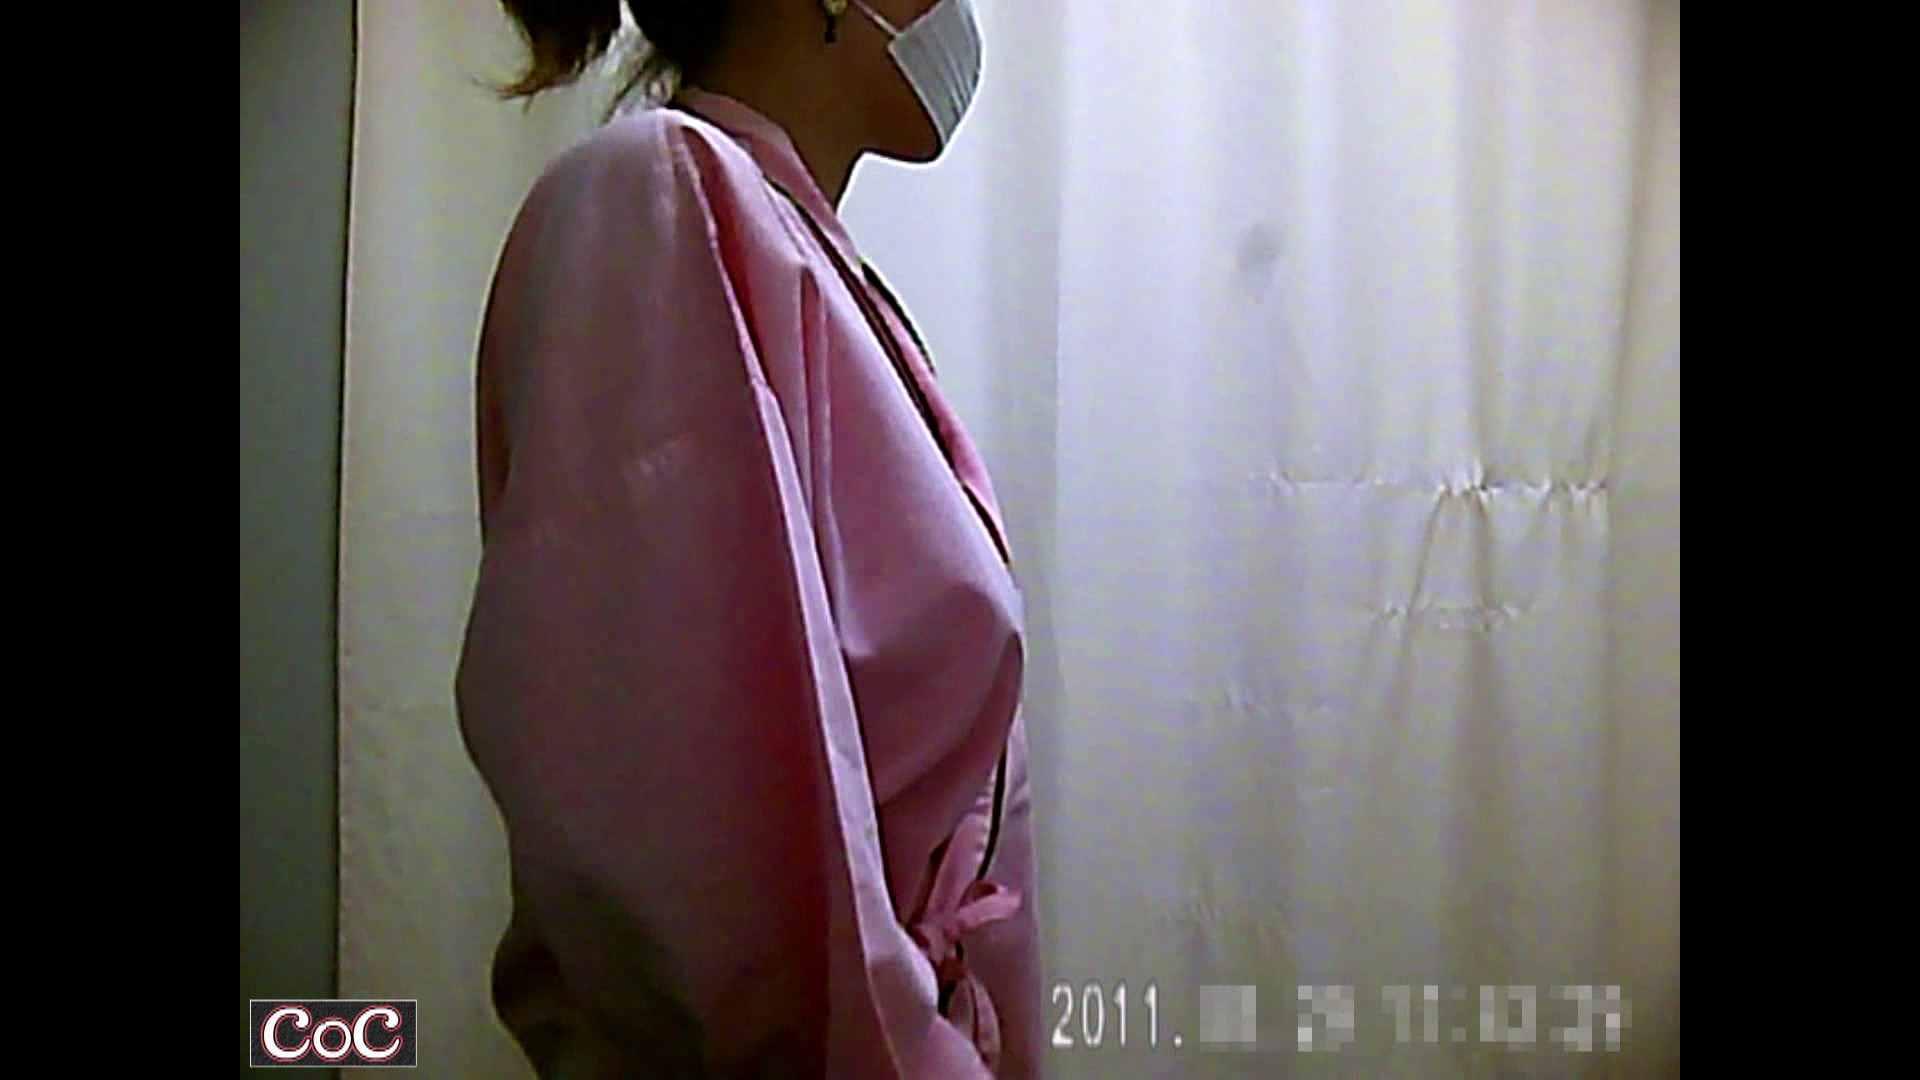 病院おもいっきり着替え! vol.18 独身エッチOL   着替え中です  111pic 7